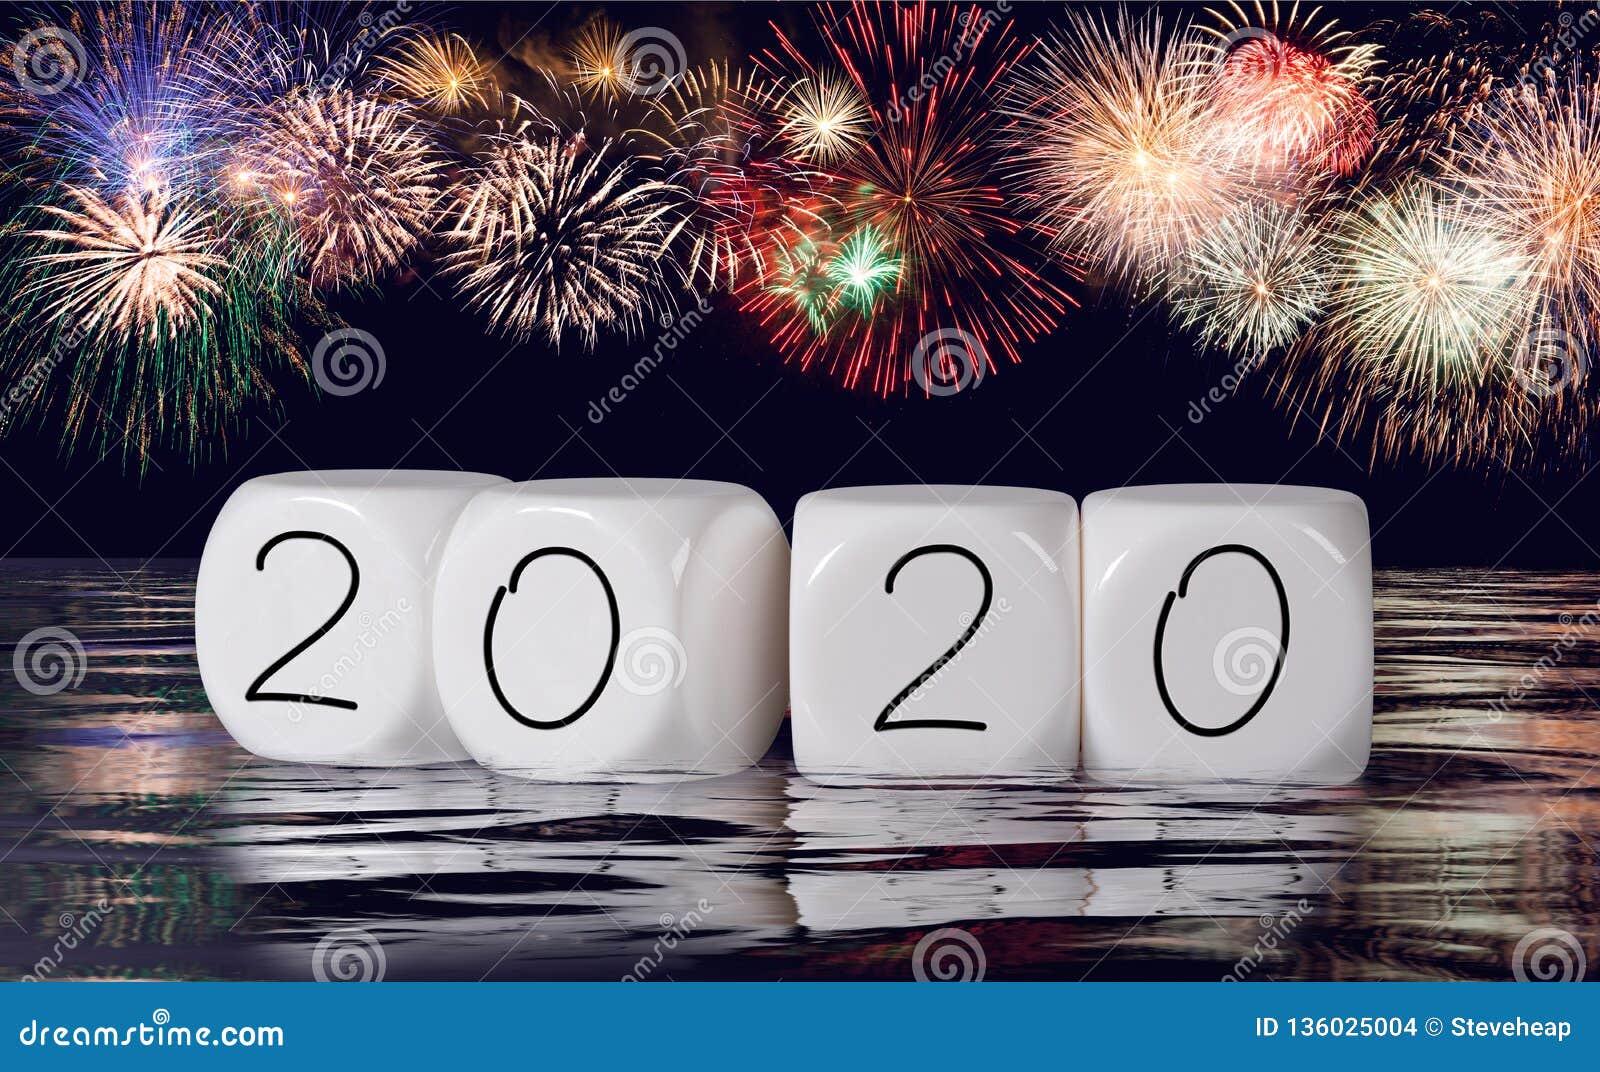 Calendrier Feu D Artifice 2020.Compose Des Feux D Artifice Et Du Calendrier Pour Le Fond De